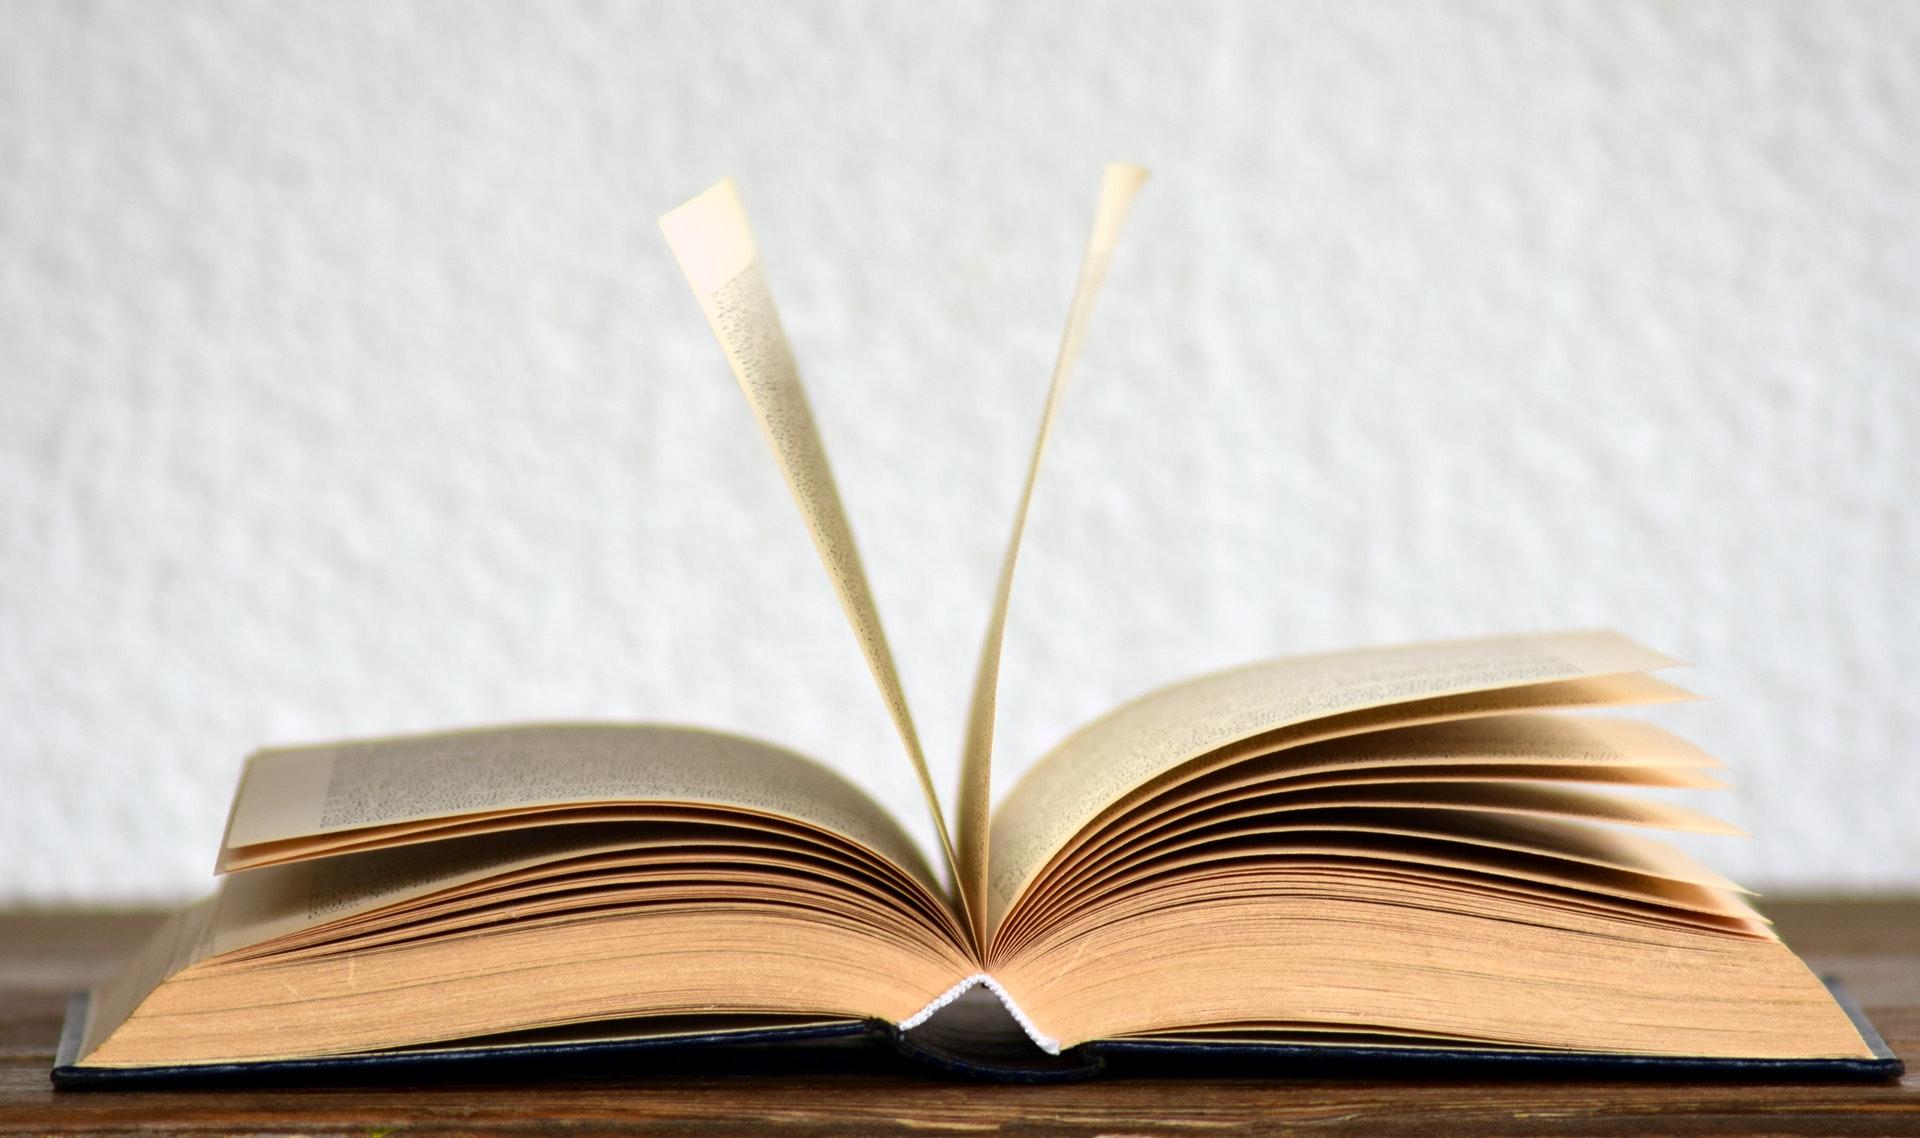 Literaturabend: Mit Büchern um die Welt